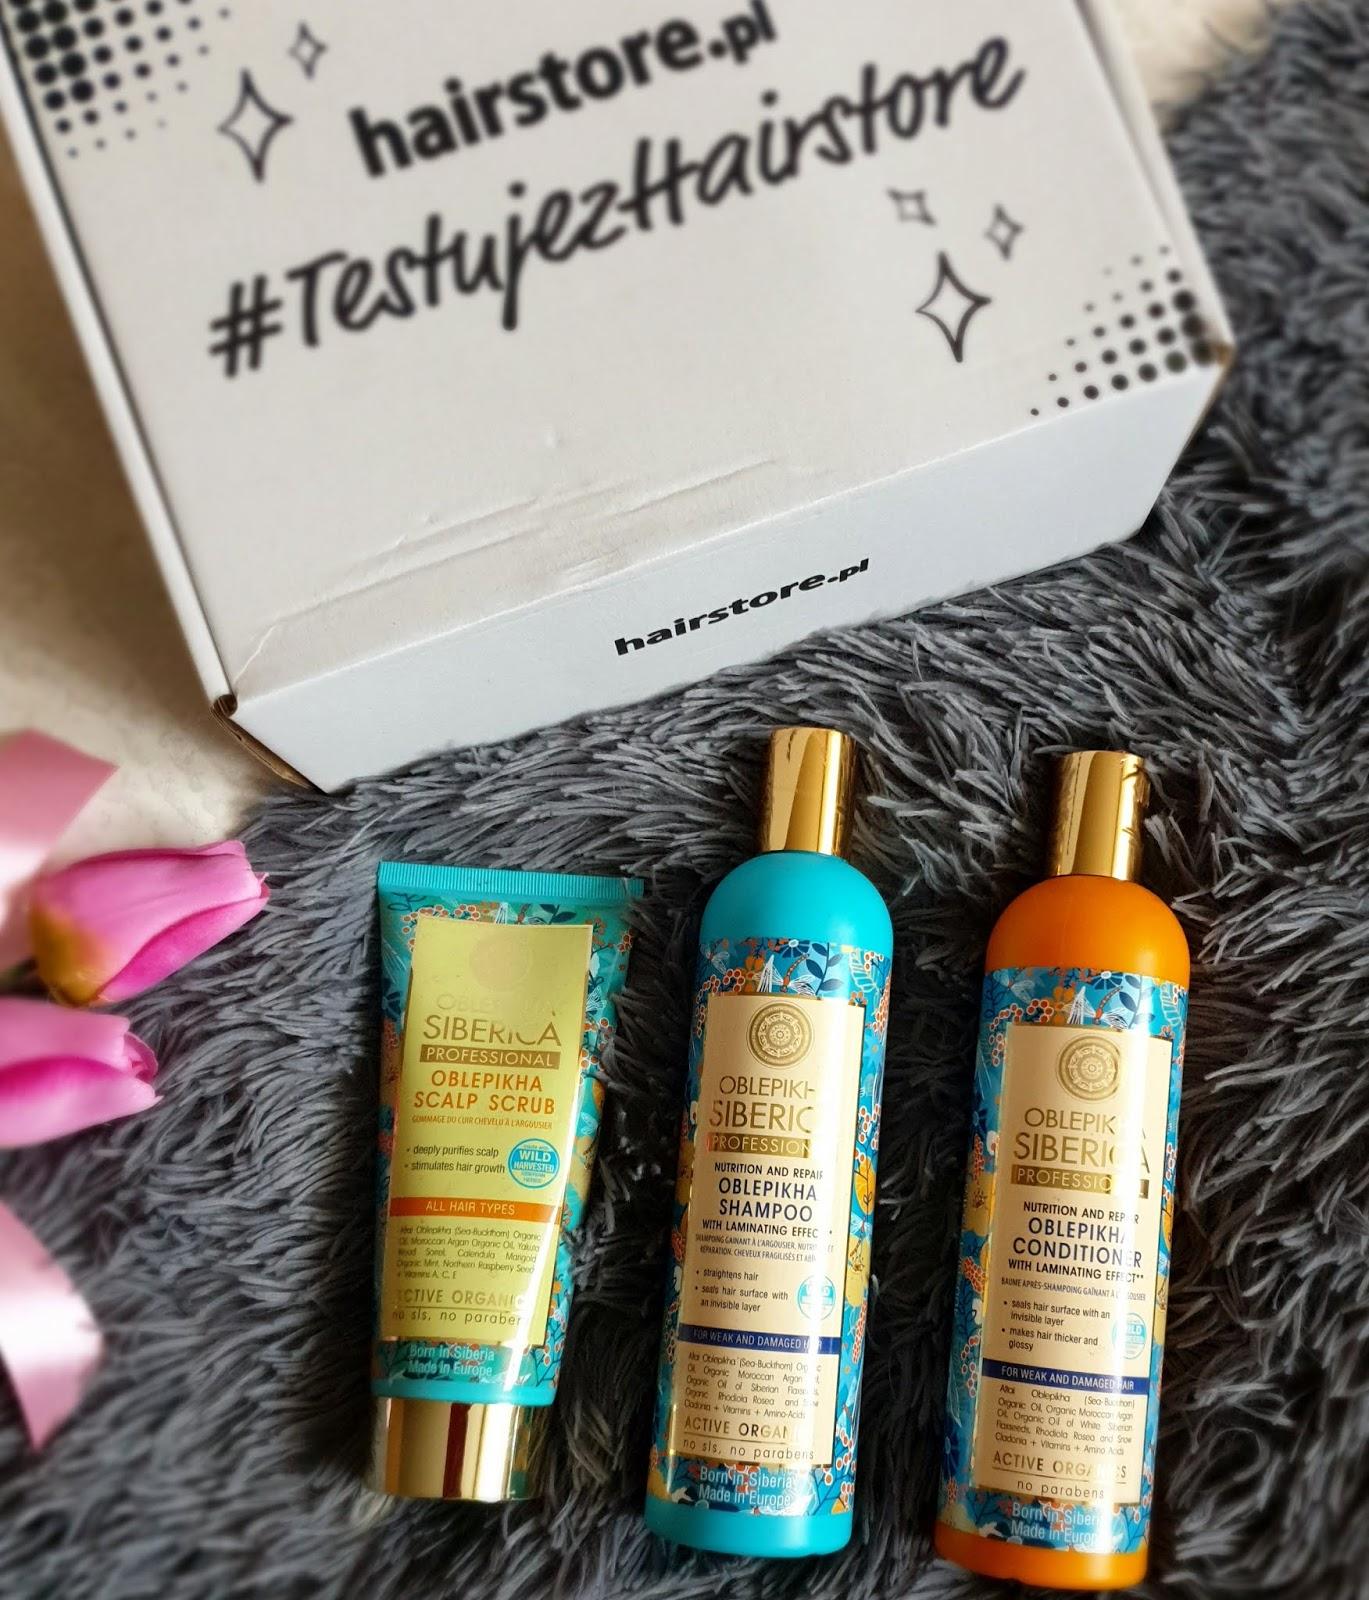 Natura Siberica - szampon i odżywka z efektem laminowania oraz peeling do skóry głowy.